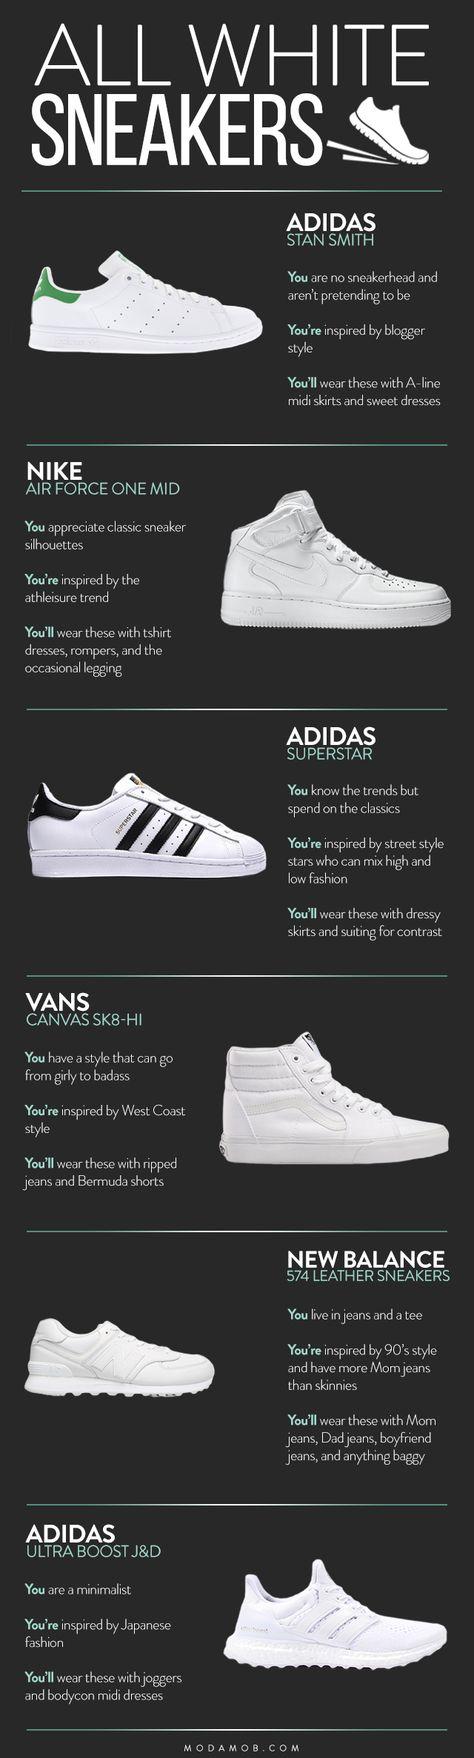 me too shoes, sneakers, footwear